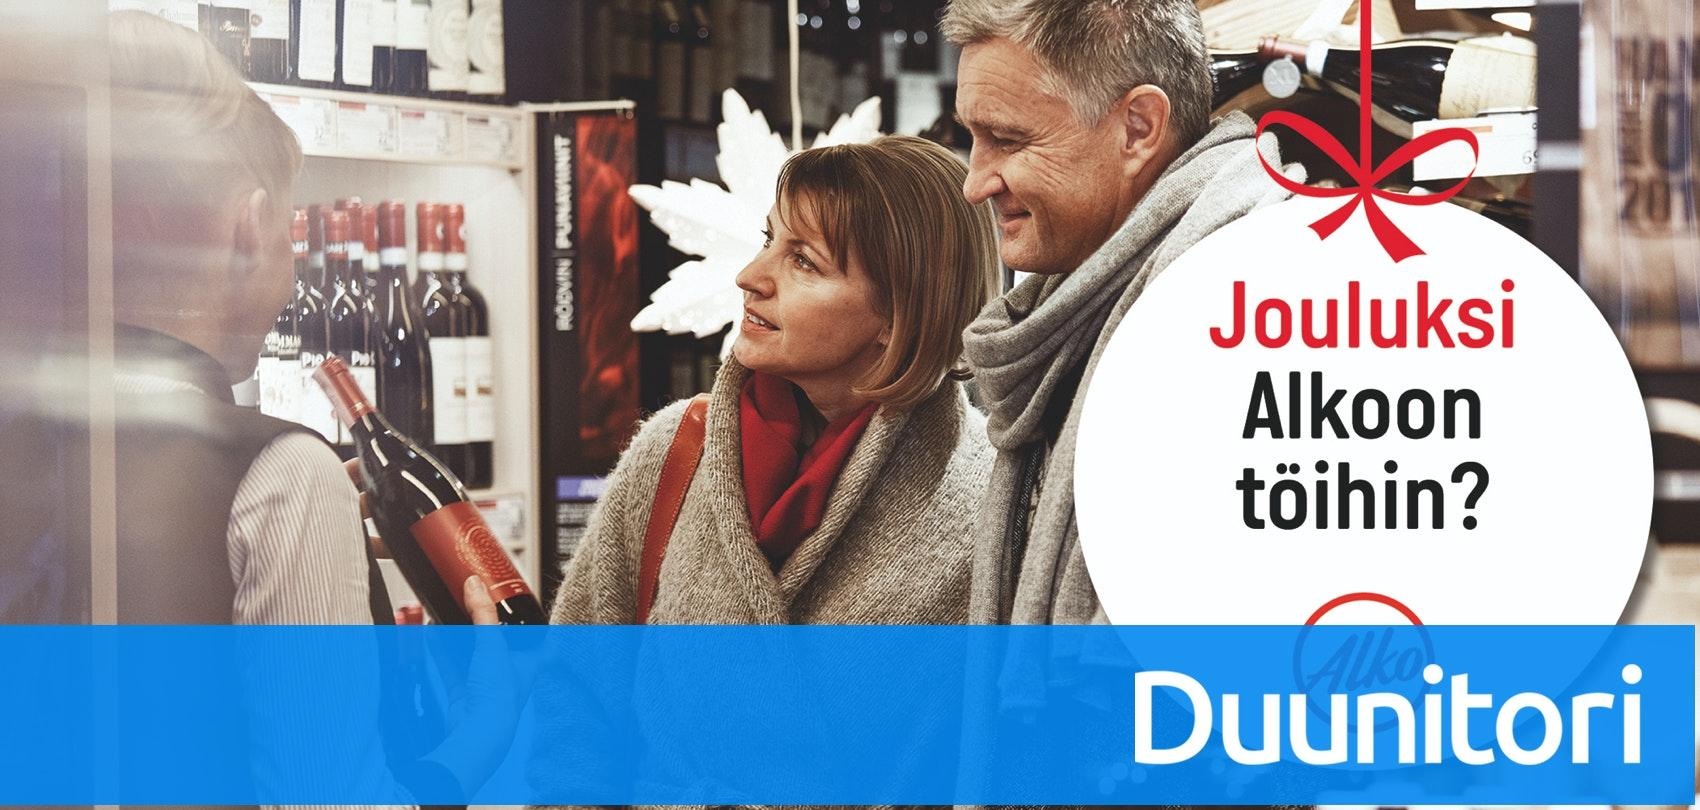 alko joulu 2018 Tule jouluksi Alkoon töihin   Alko   Työpaikat   Duunitori alko joulu 2018